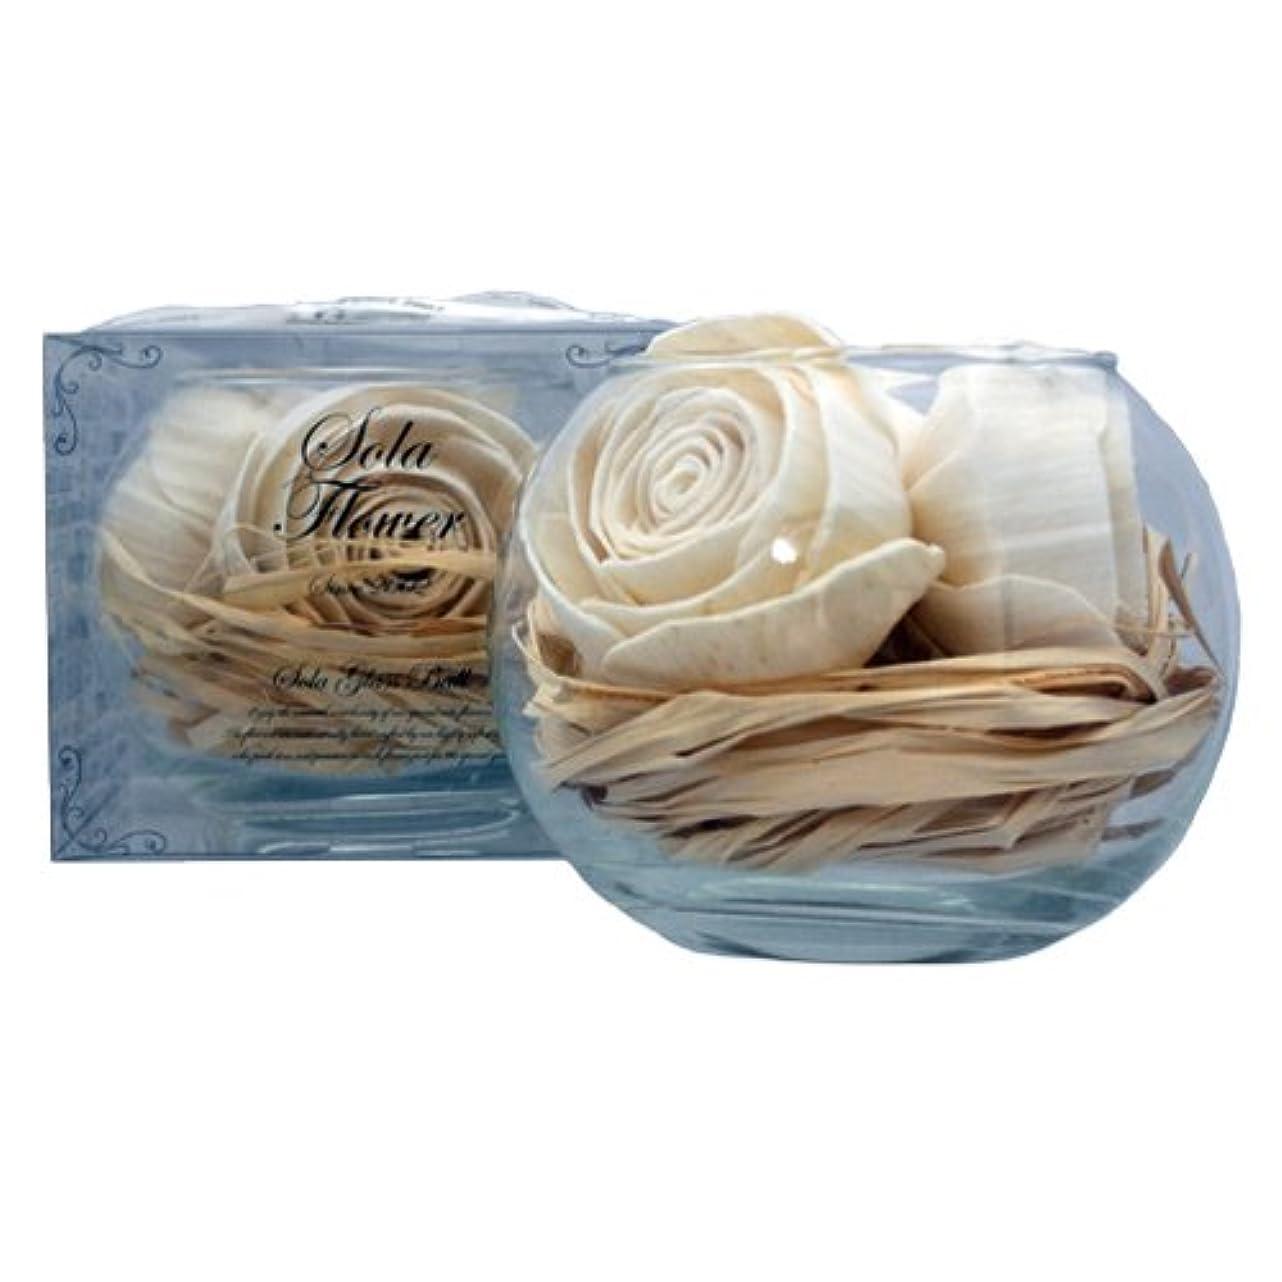 ふざけたロケット代表してnew Sola Flower ソラフラワー グラスボウル Original Rose オリジナルローズ Glass Bowl